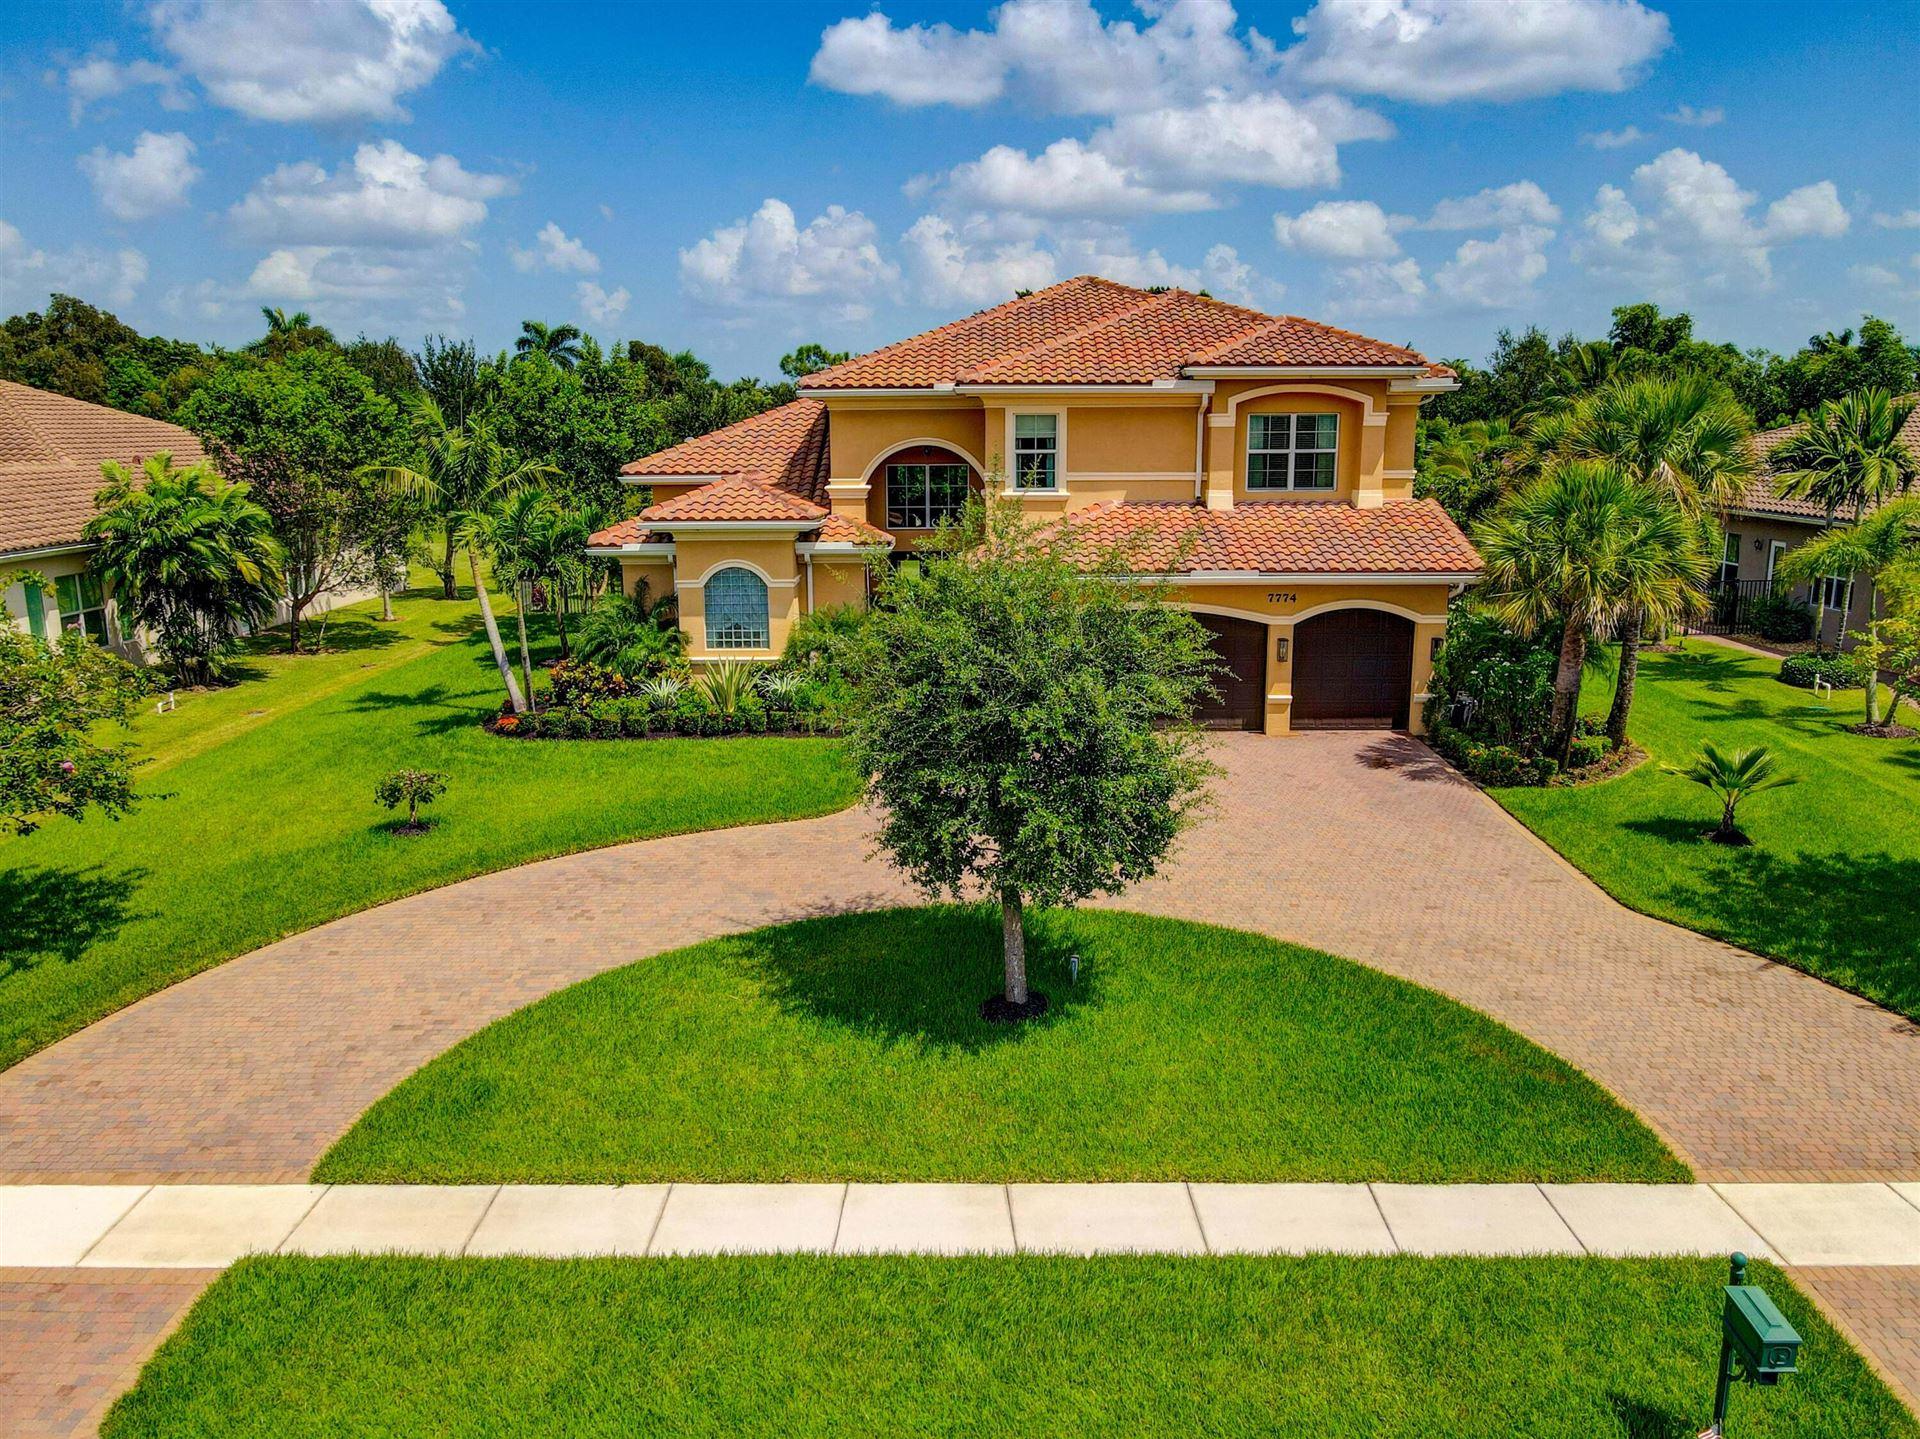 7774 Arbor Crest Way, Palm Beach Gardens, FL 33412 - MLS#: RX-10744726